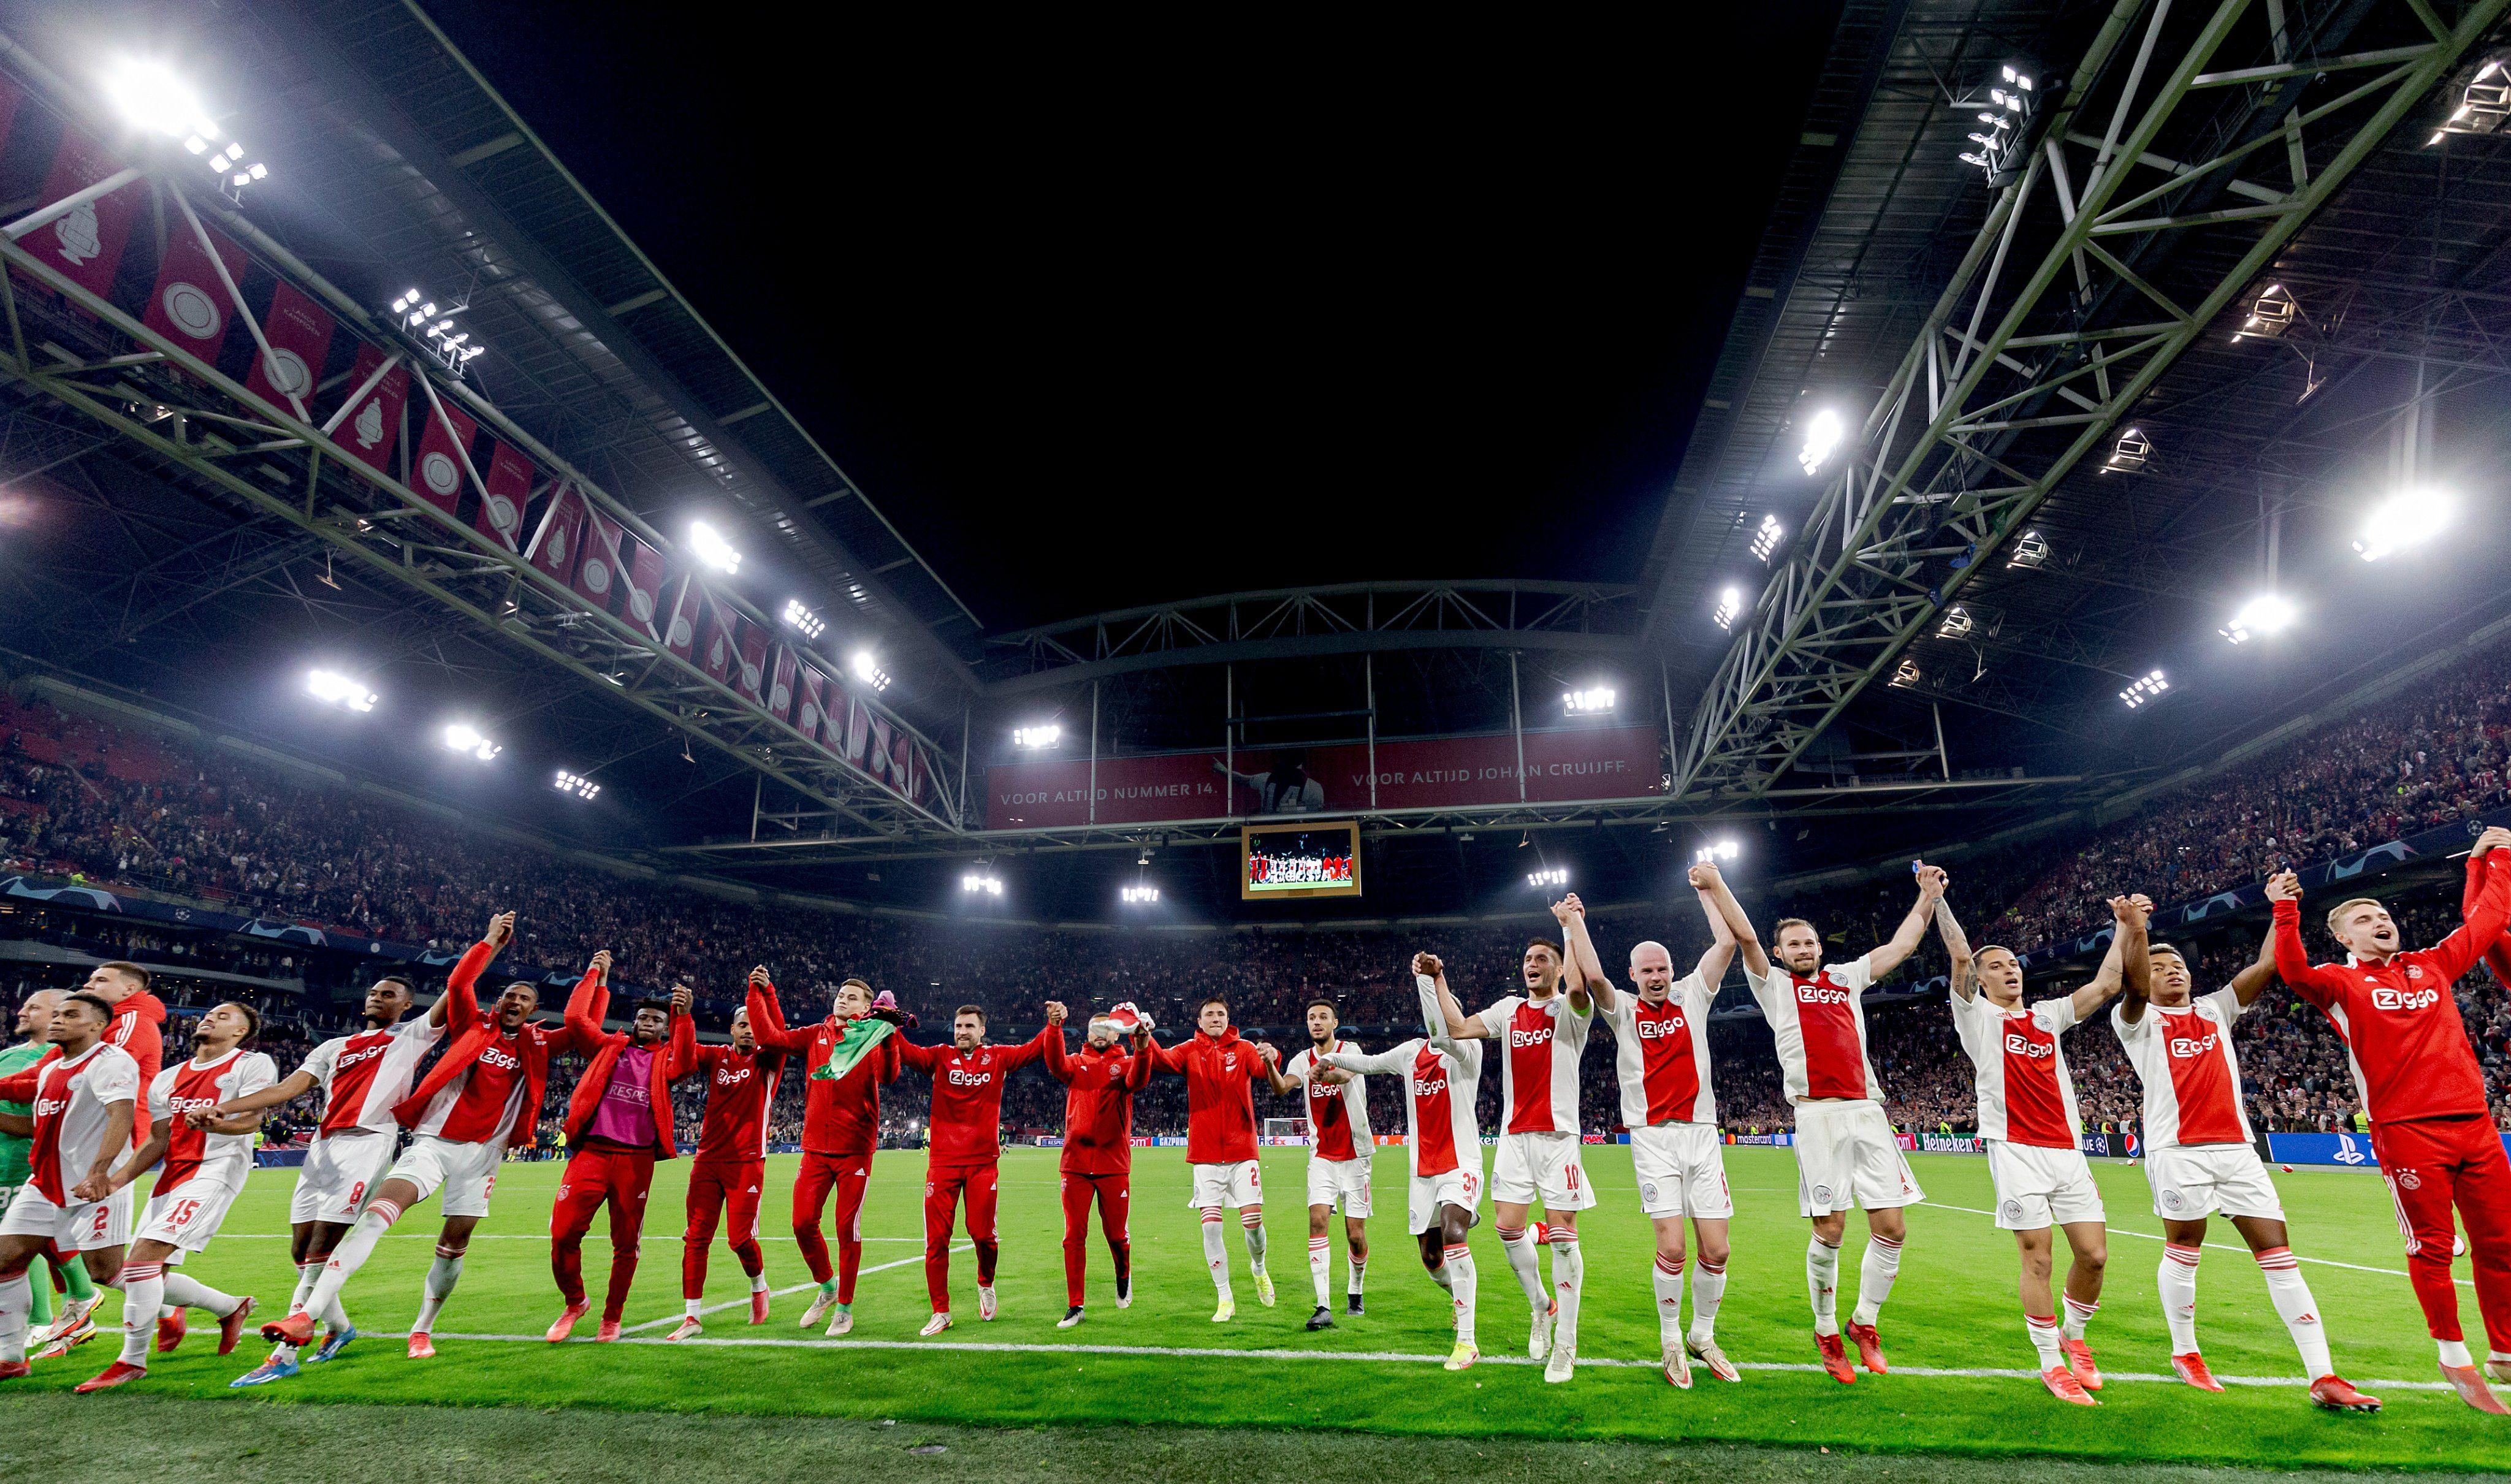 Resultados de la jornada de Champions League